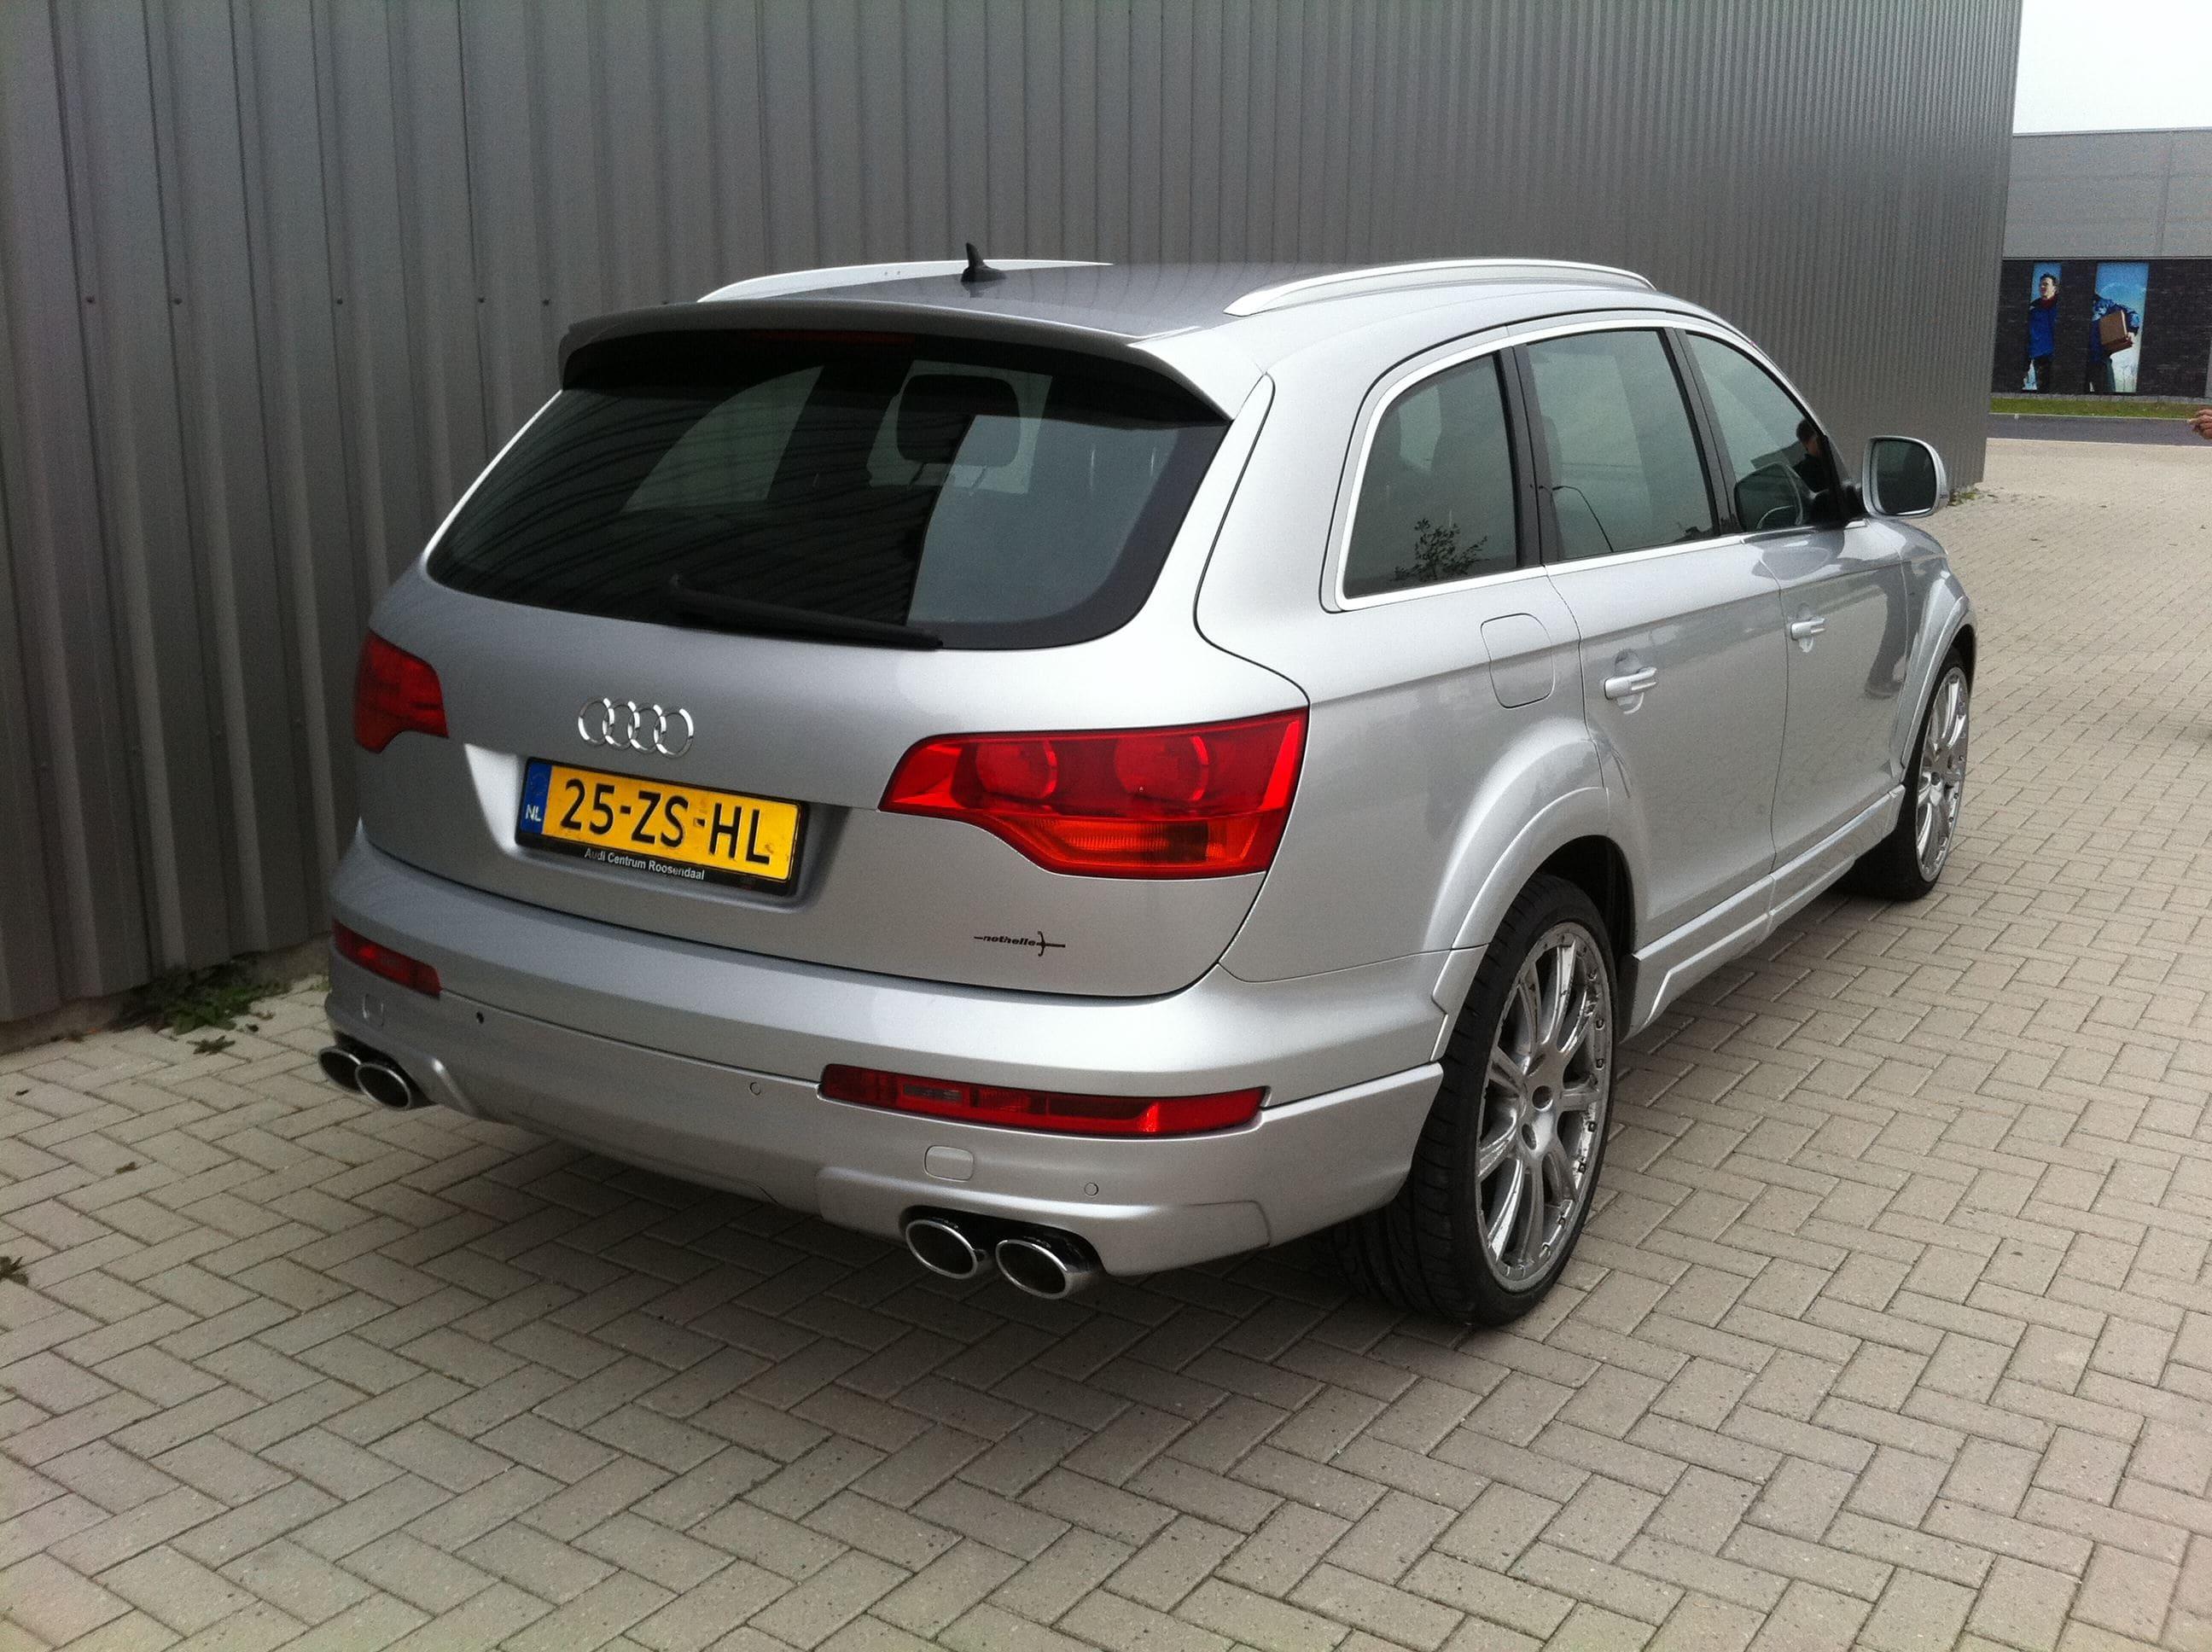 Audi Q7 met Mat Witte Wrap, Carwrapping door Wrapmyride.nu Foto-nr:4918, ©2021